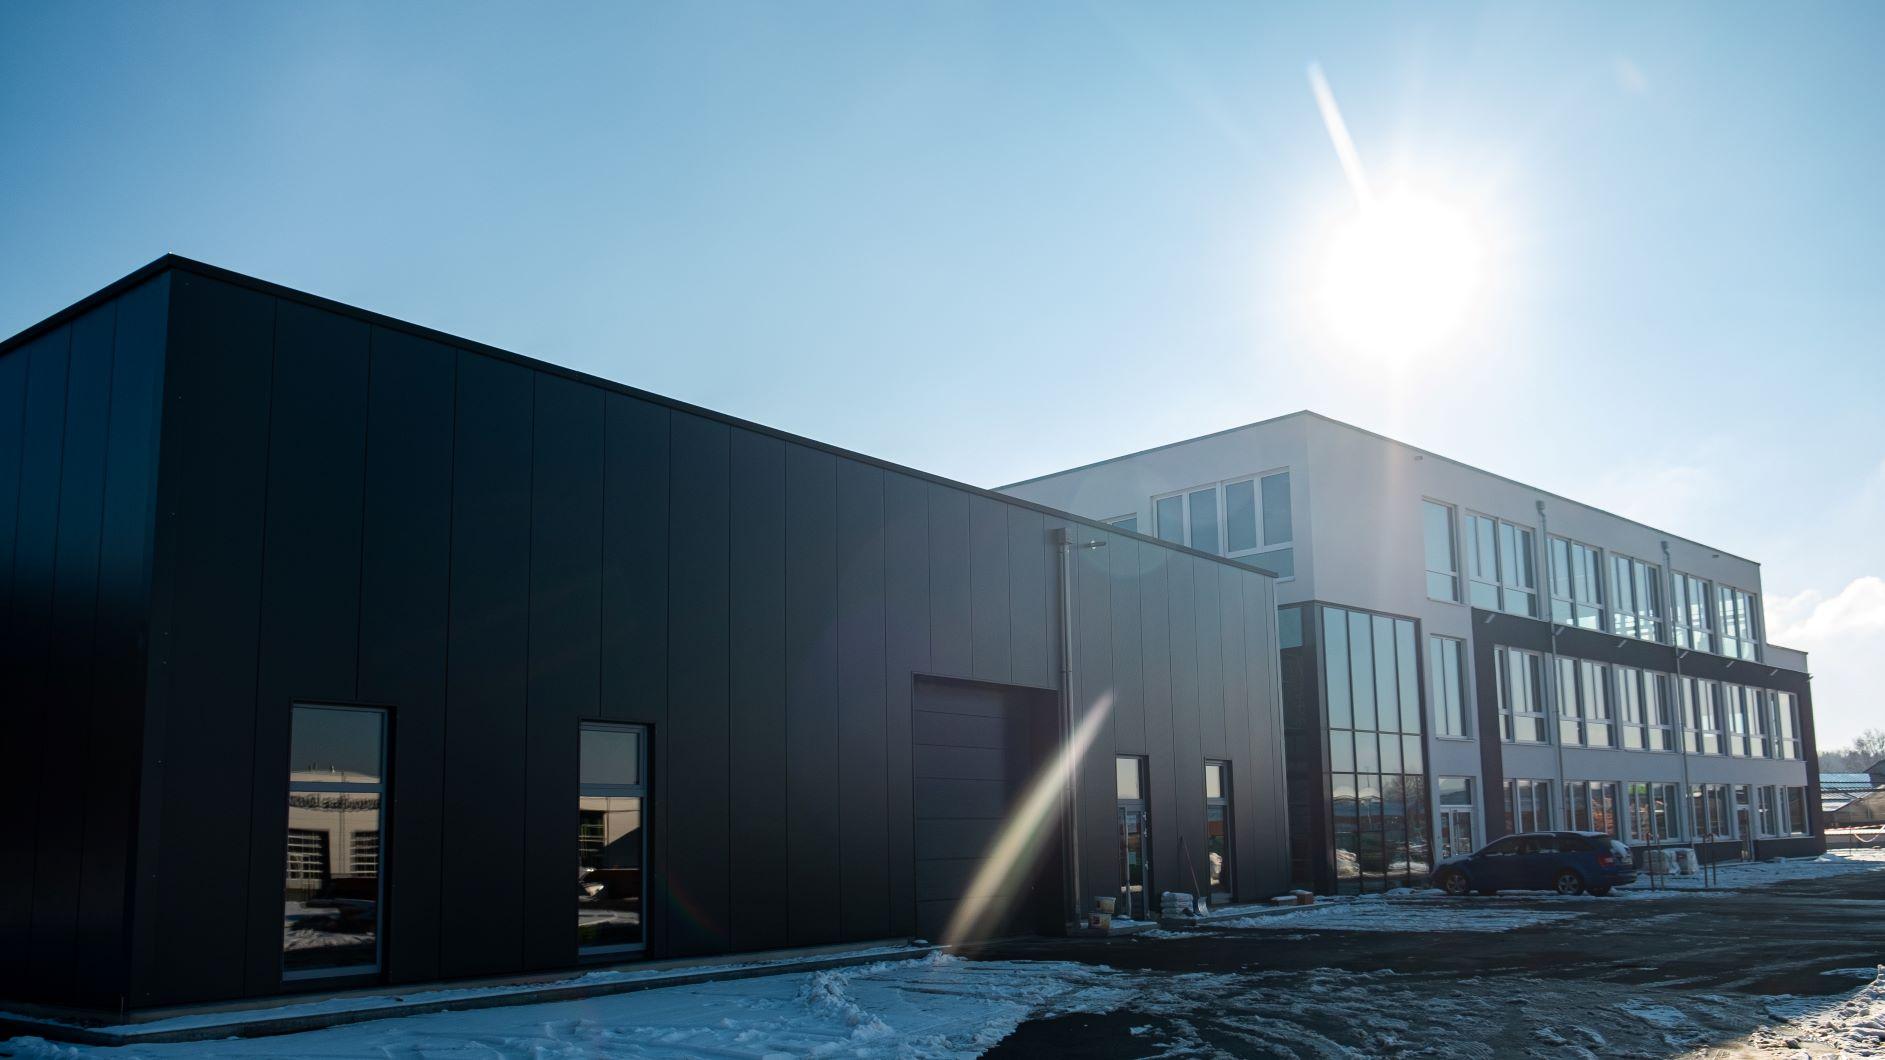 Neubau-der-pro-micron-GmbH-mit-Produktions-und-Bueroraeumen.-1